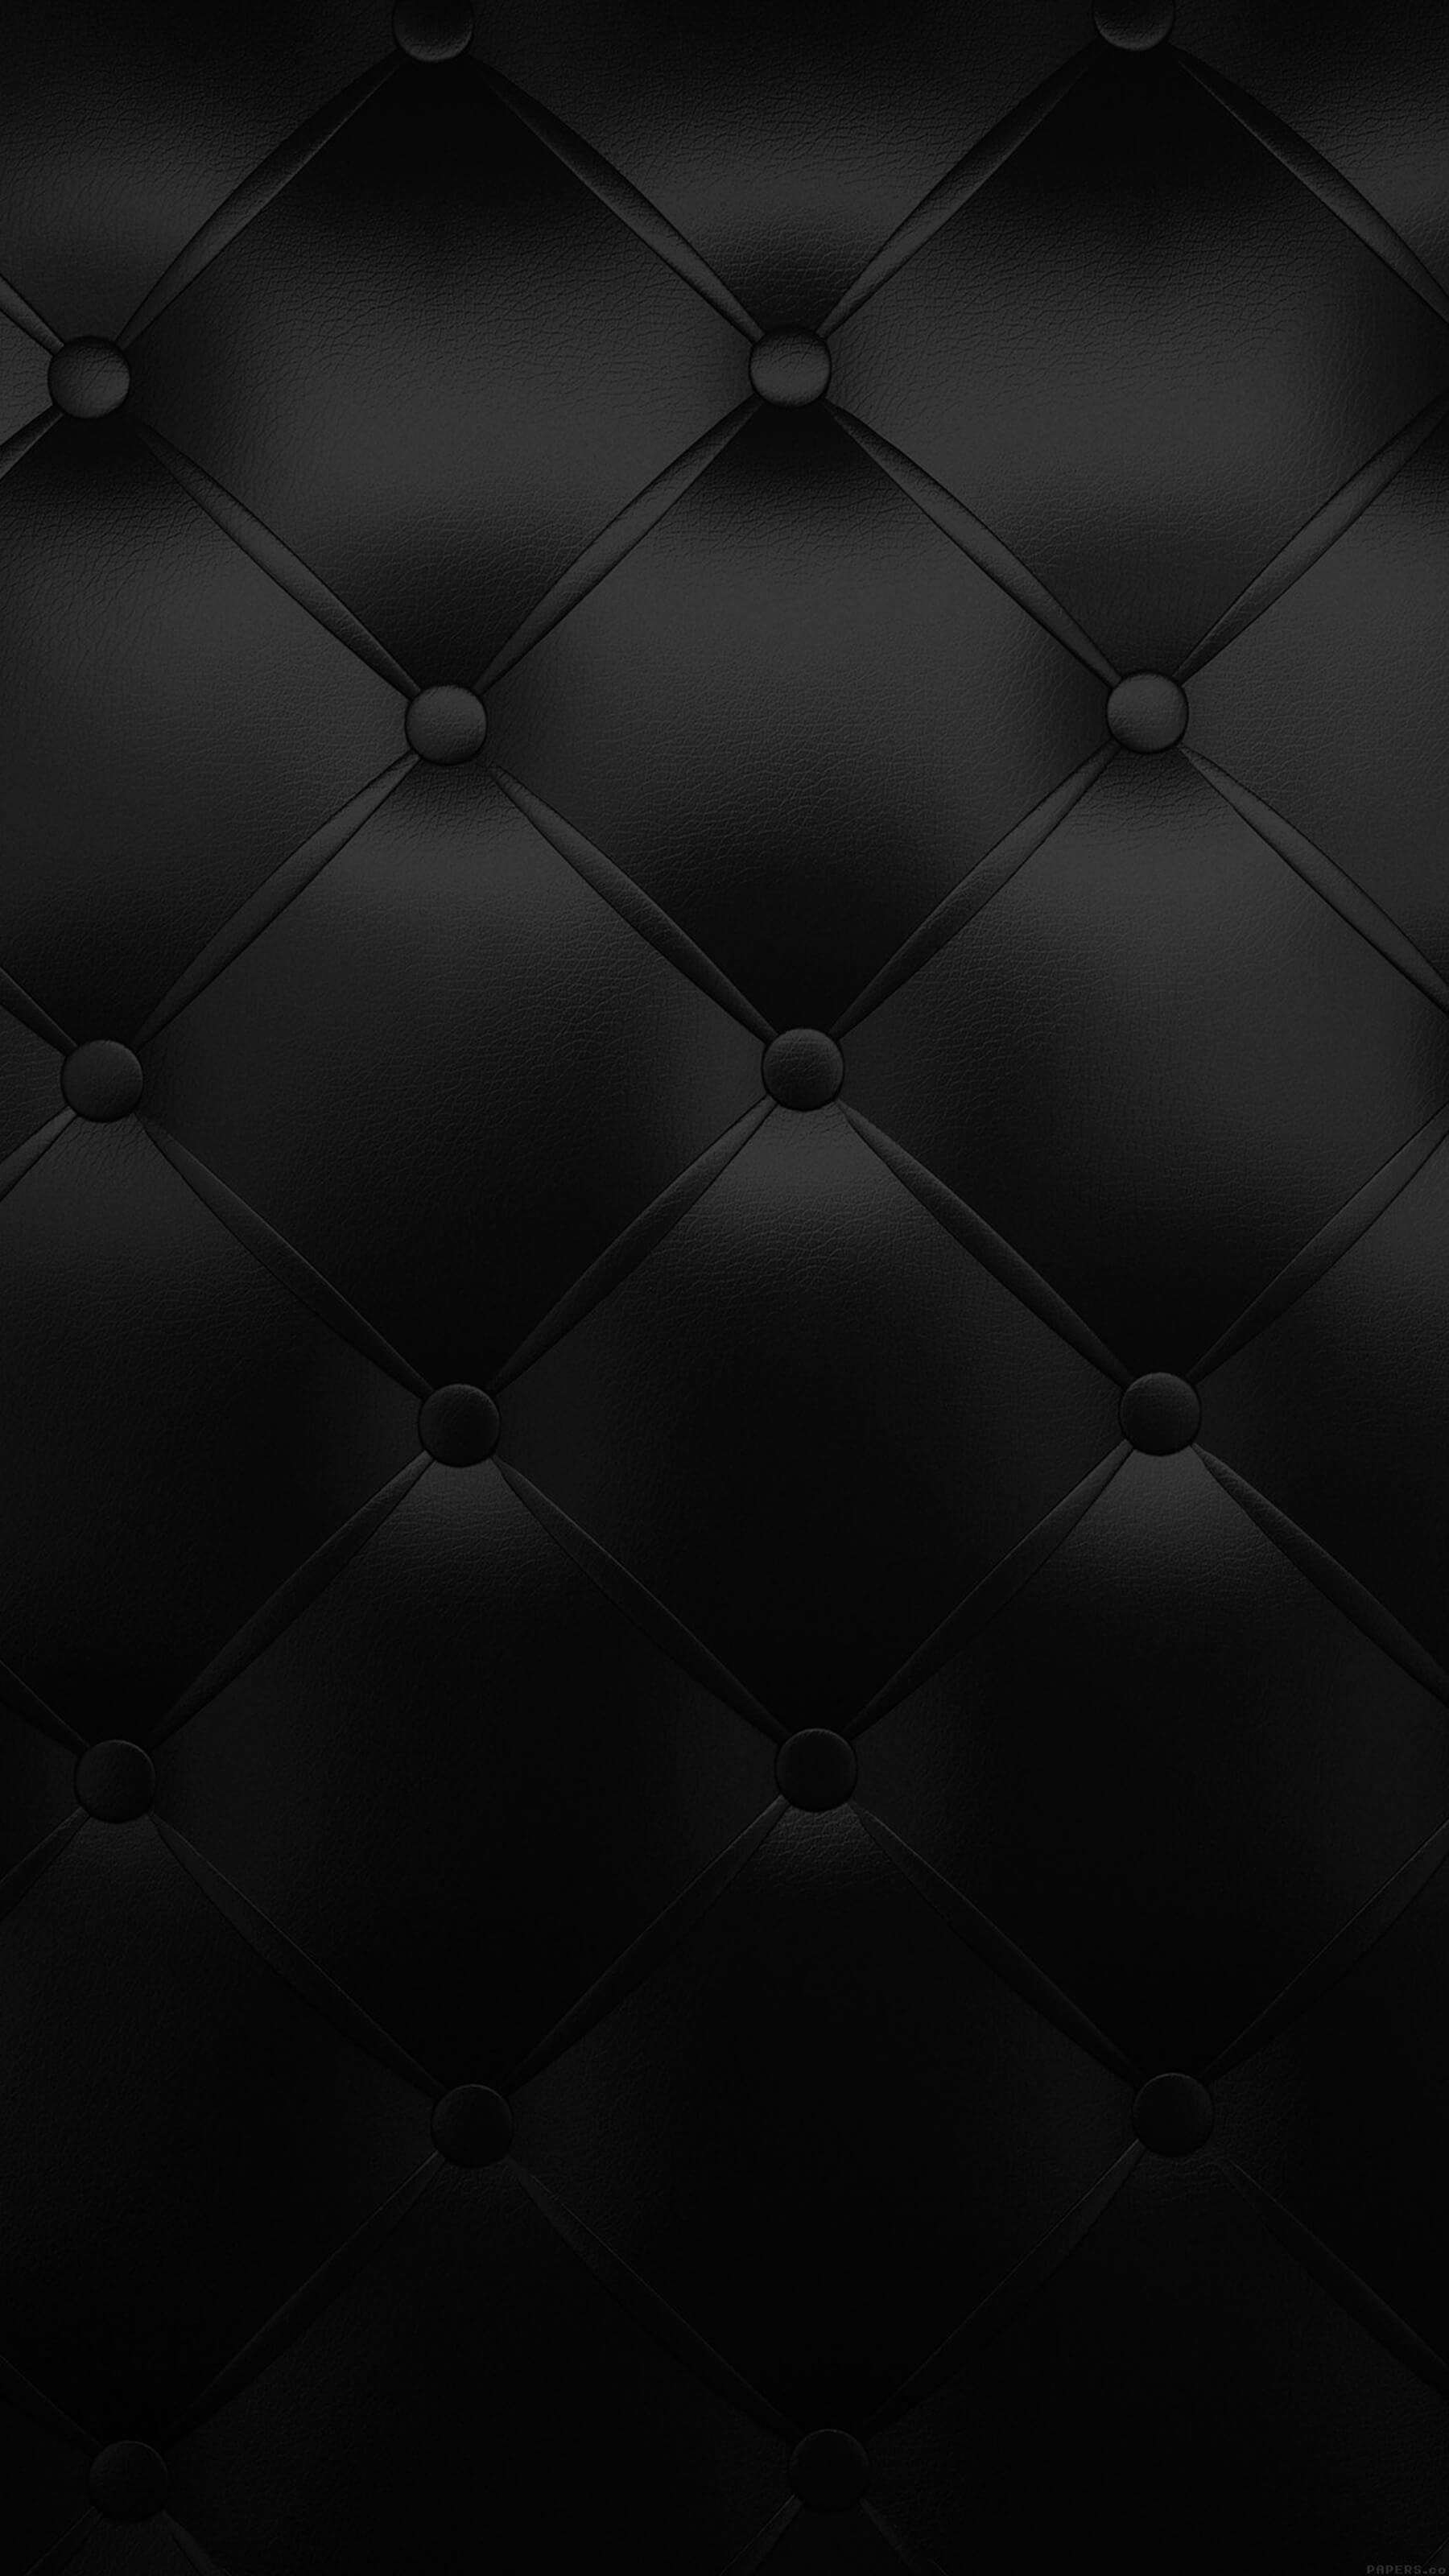 batman wallpaper ipod touch